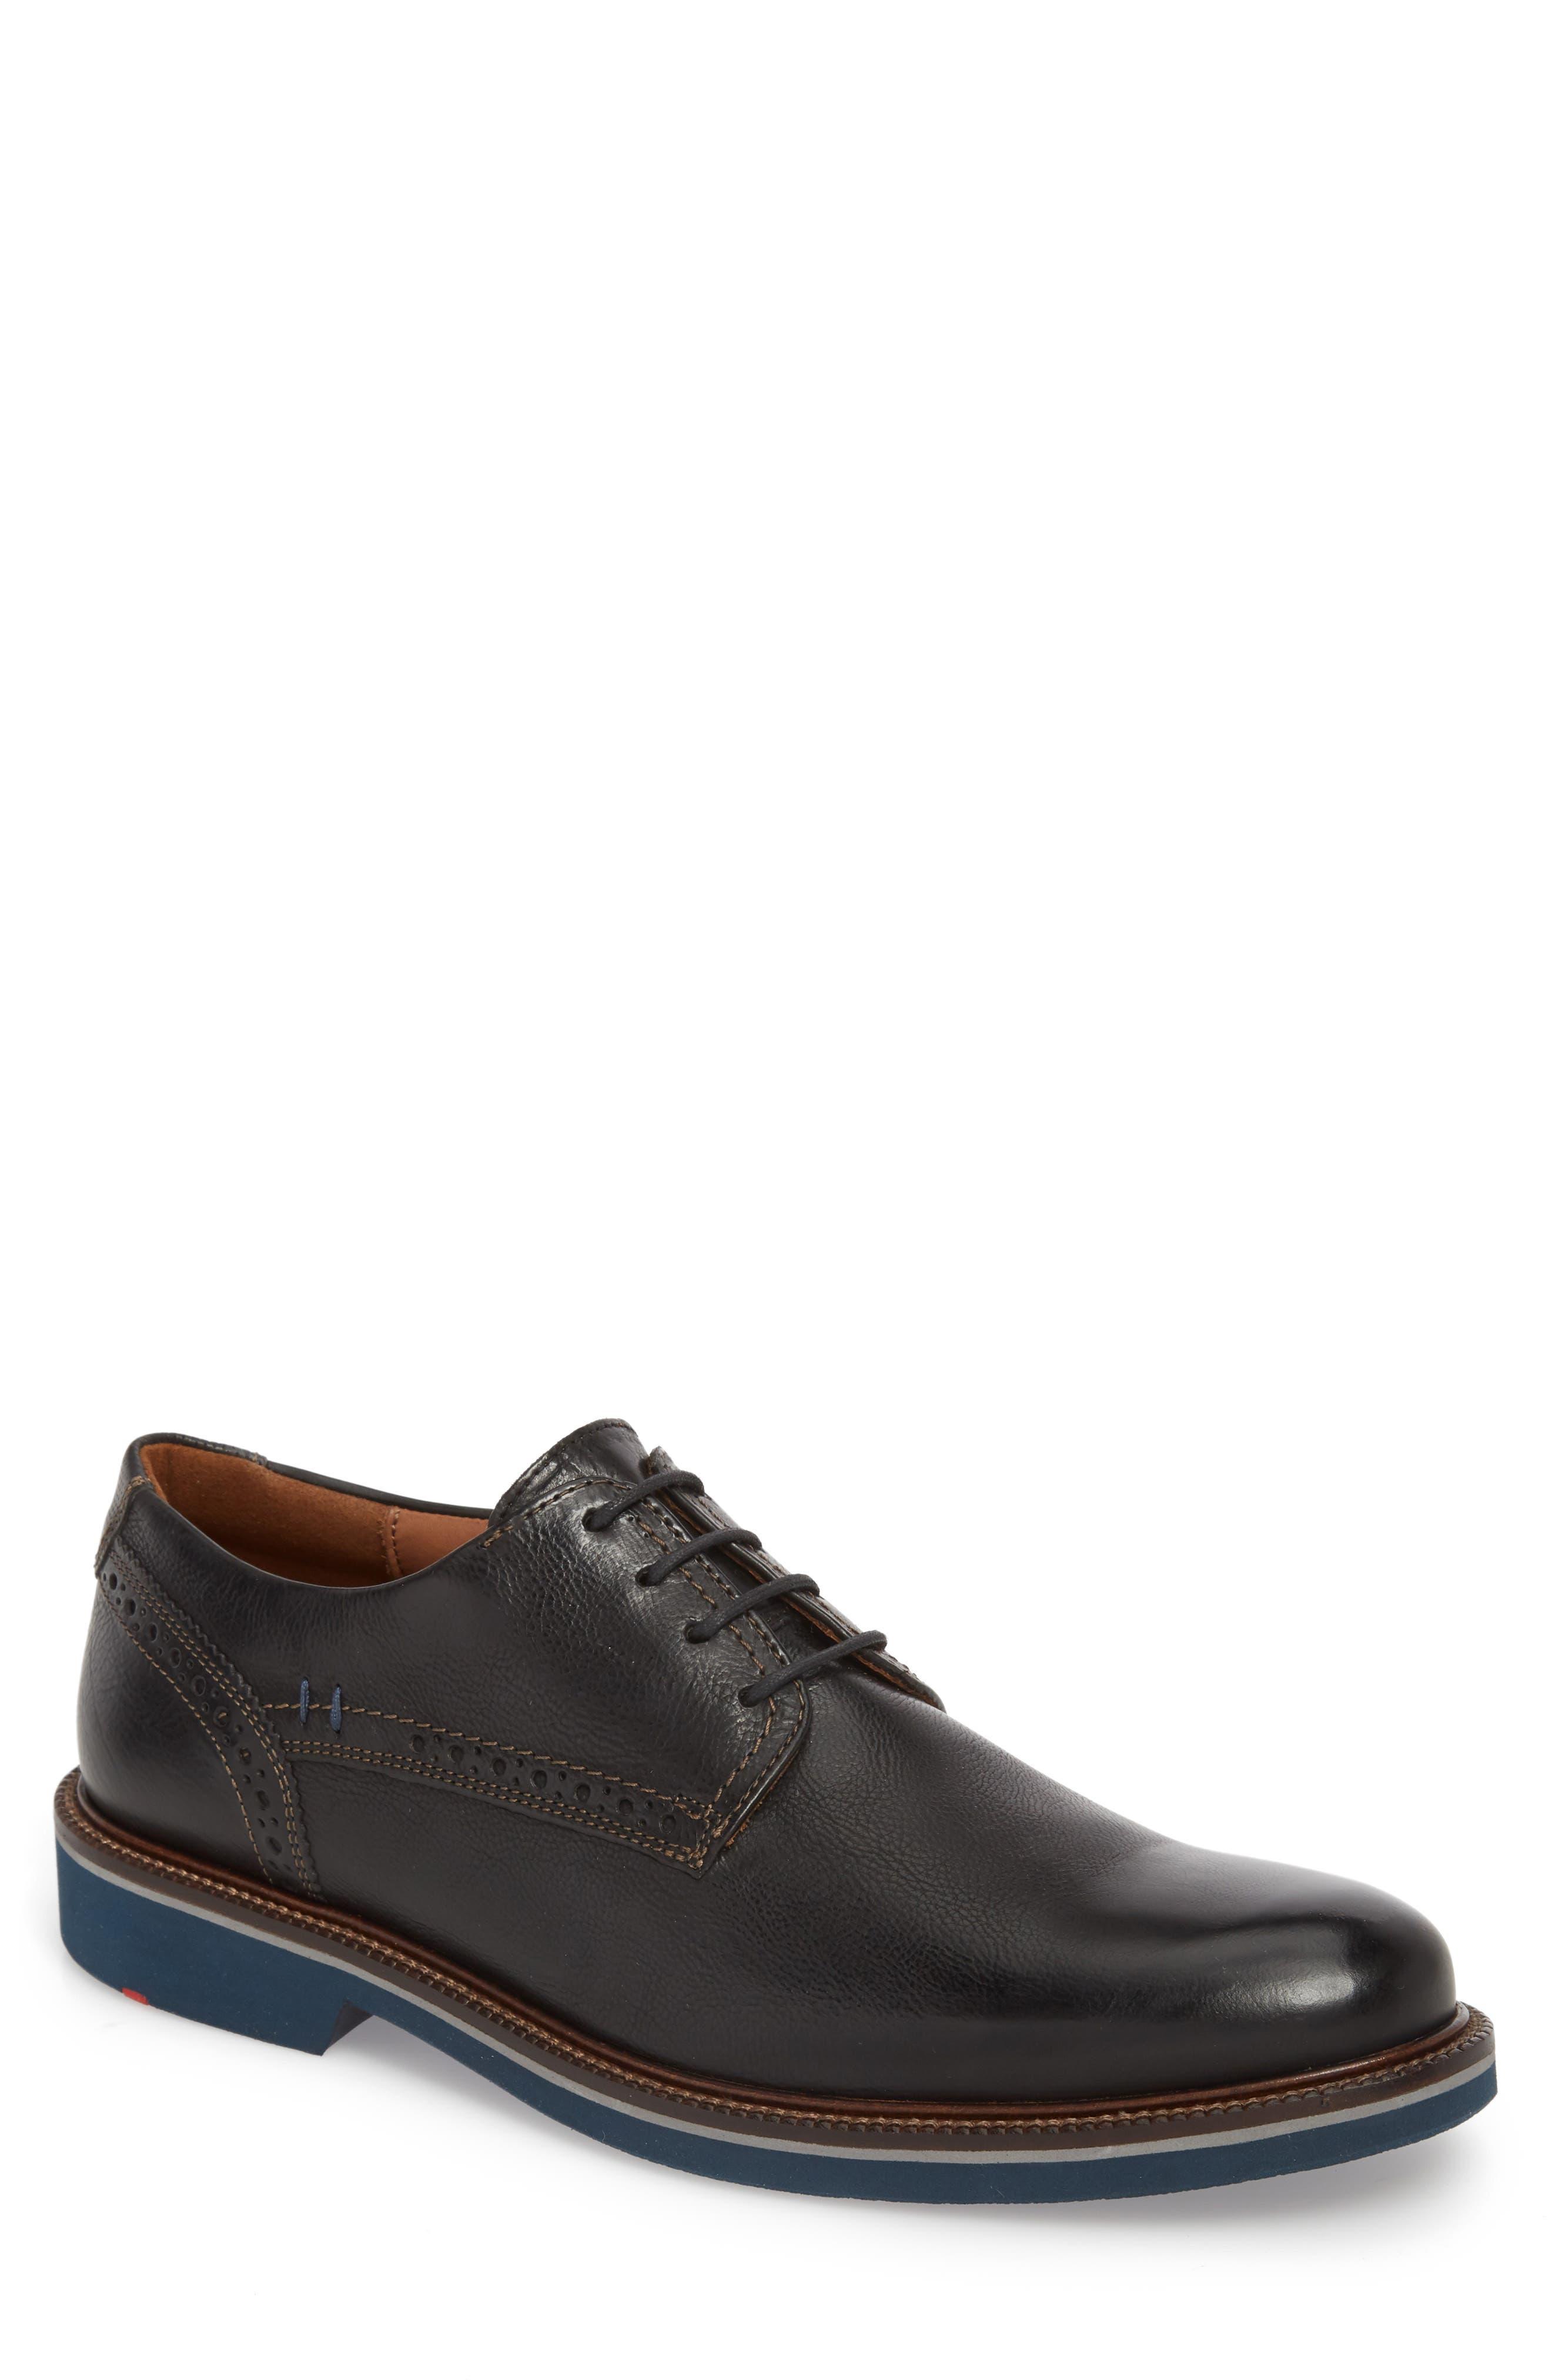 Hagen Plain Toe Derby,                         Main,                         color, Black Leather